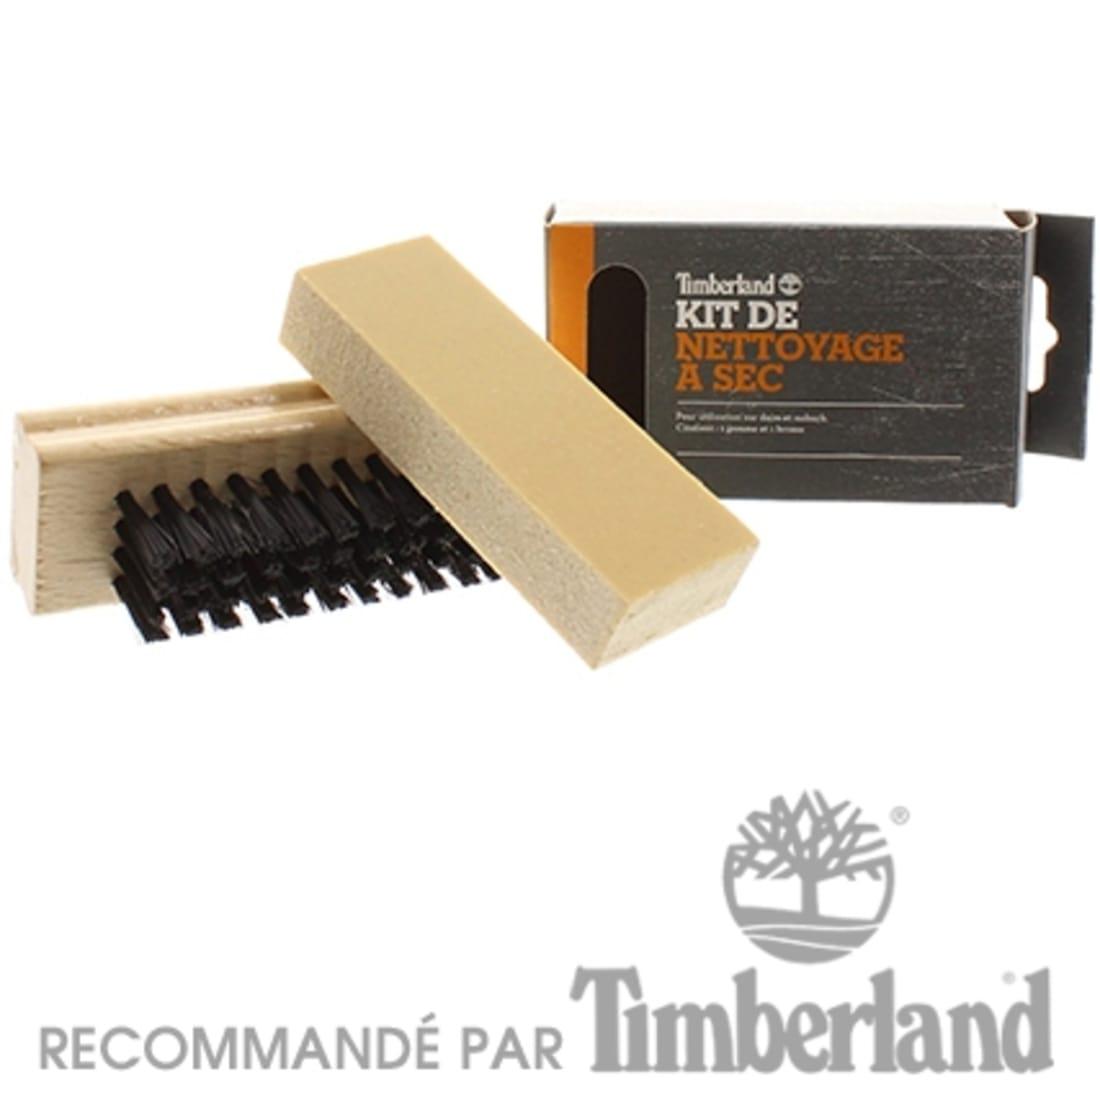 kit nettoyage timberland